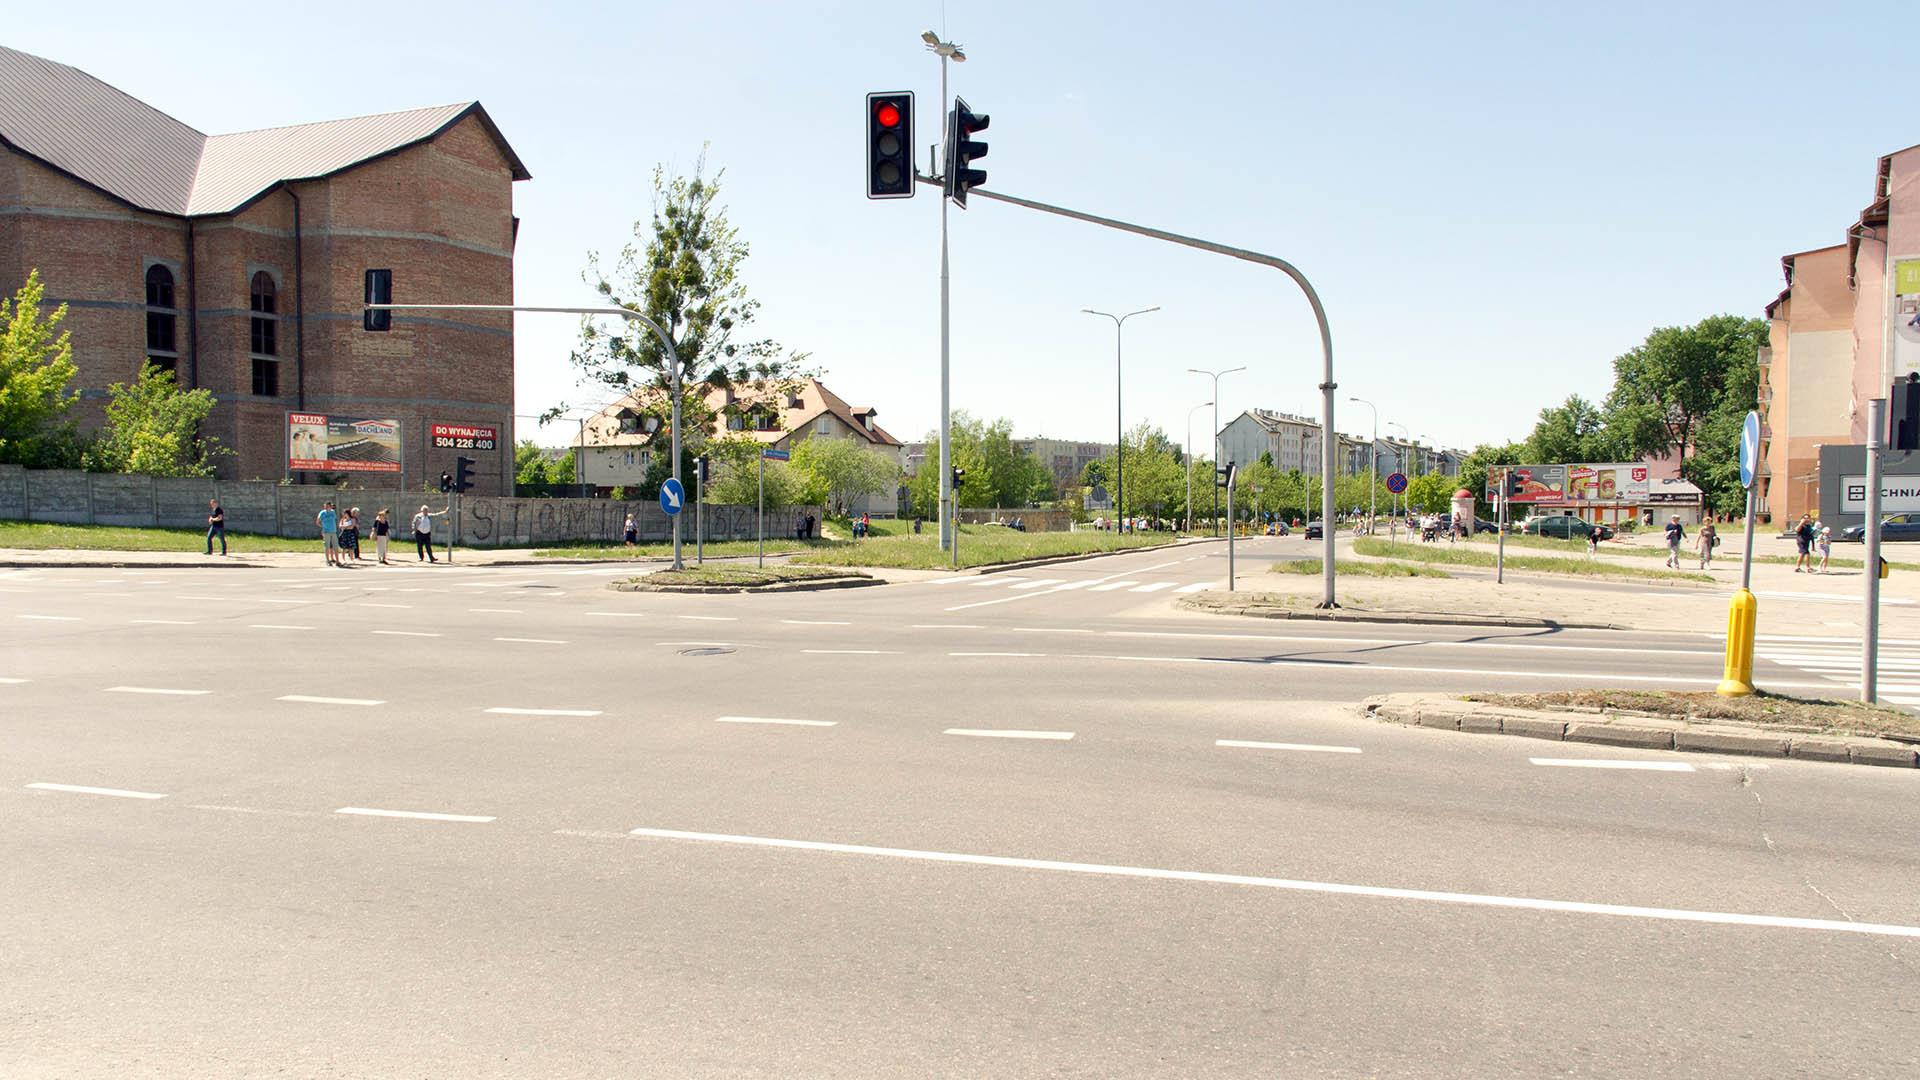 Skrzyżowanie ulic Wilczyńskiego i Krasickiego (13 maja 2018)